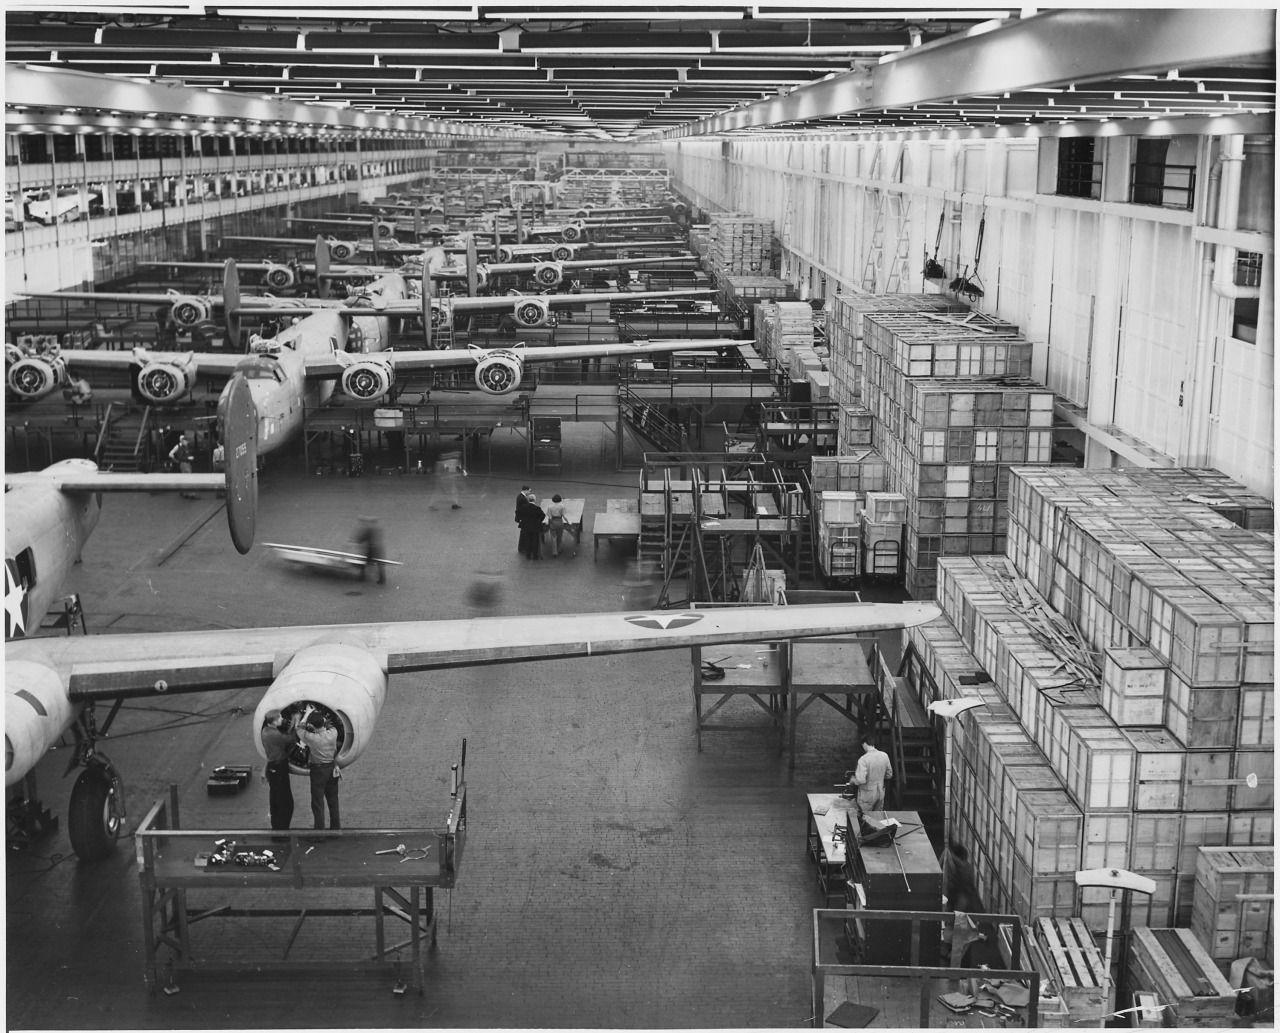 1943 Ford's Willow Run plant in Michigan, where B24E